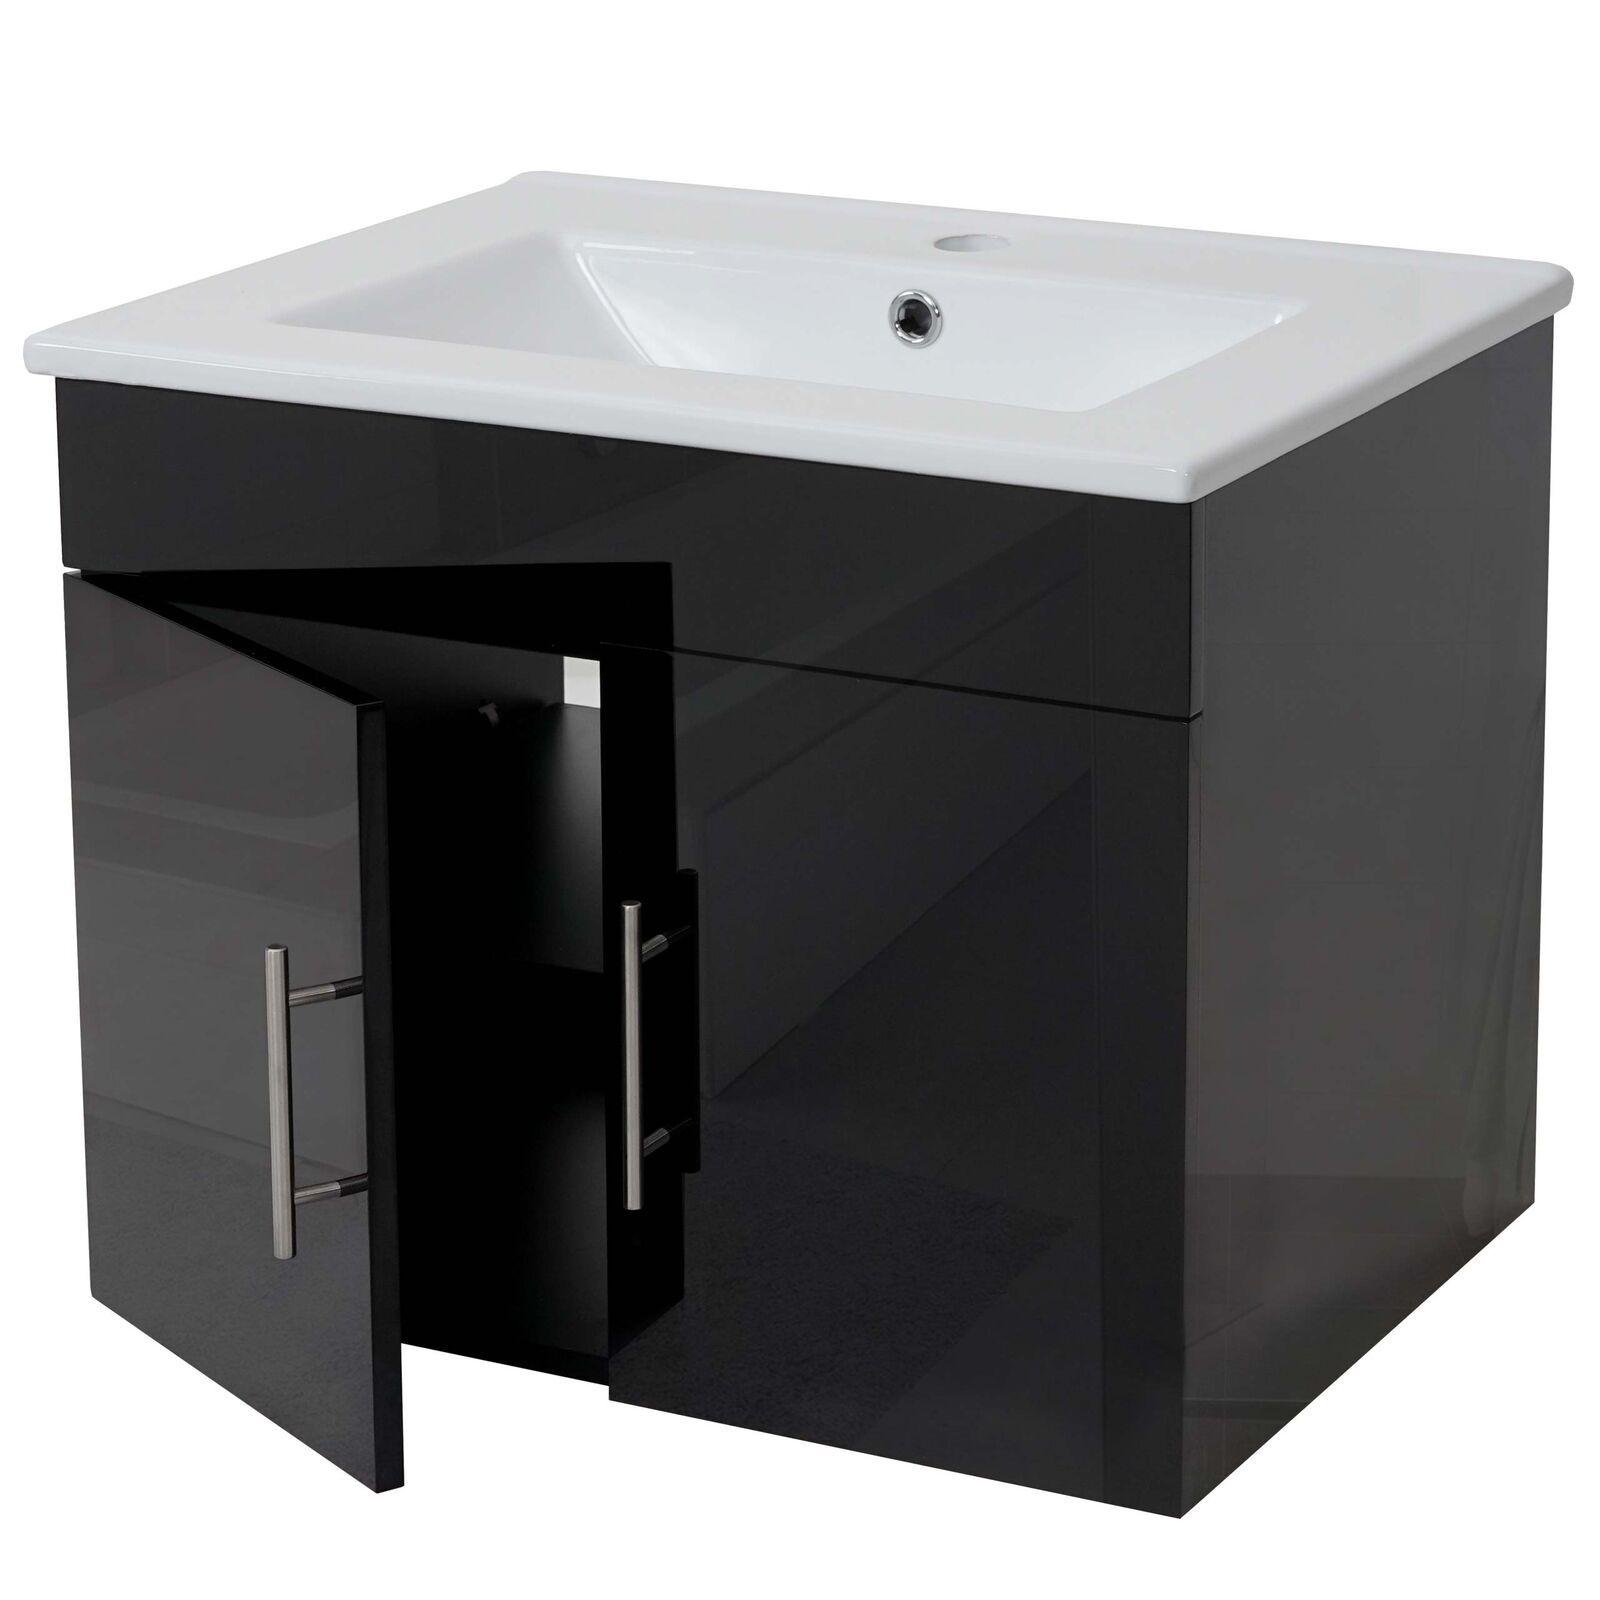 Artikelmerkmale Artikelzustand Neu Neuer Unbenutzter Und Unbeschadigter Artikel In Nicht Geoffneter Origina In 2020 Waschbecken Waschbeckenunterschrank Unterschrank